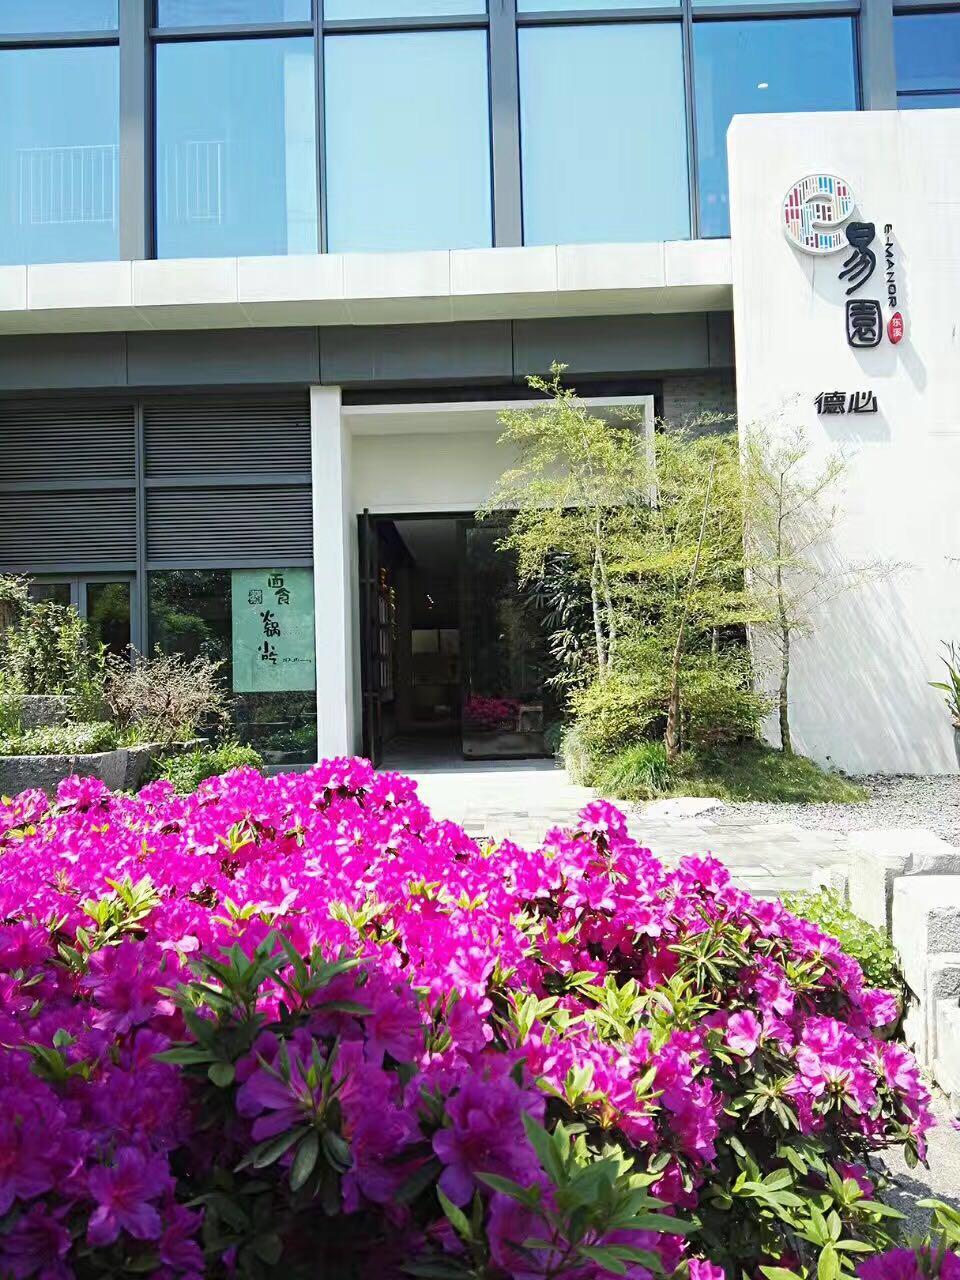 莫洛尼携手世界五大 壁炉品牌入住杭州东溪德必易园(筹备中)